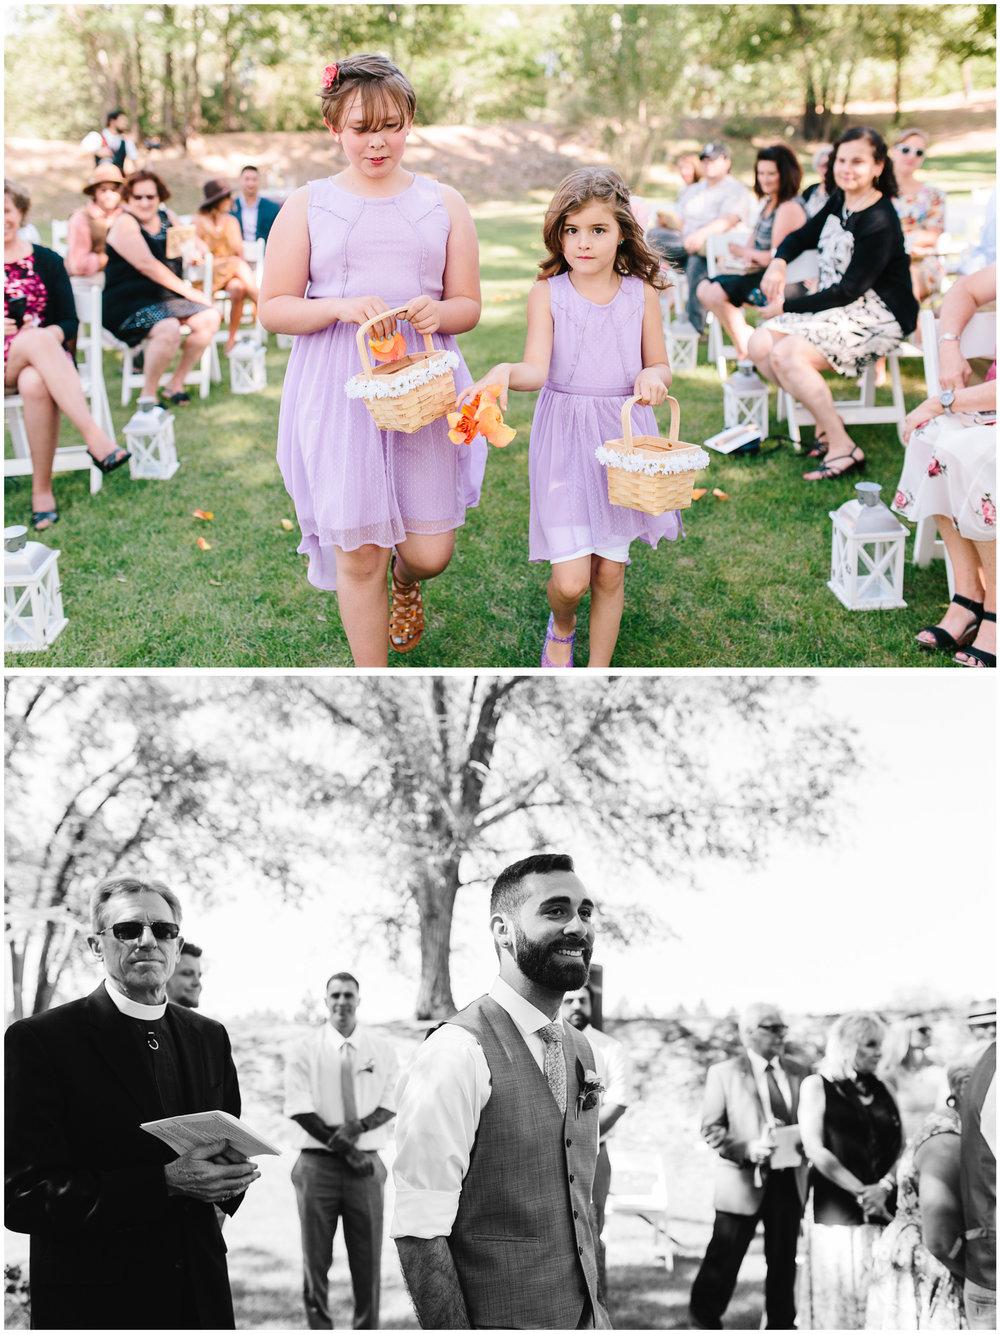 grand_junction_wedding_36.jpg